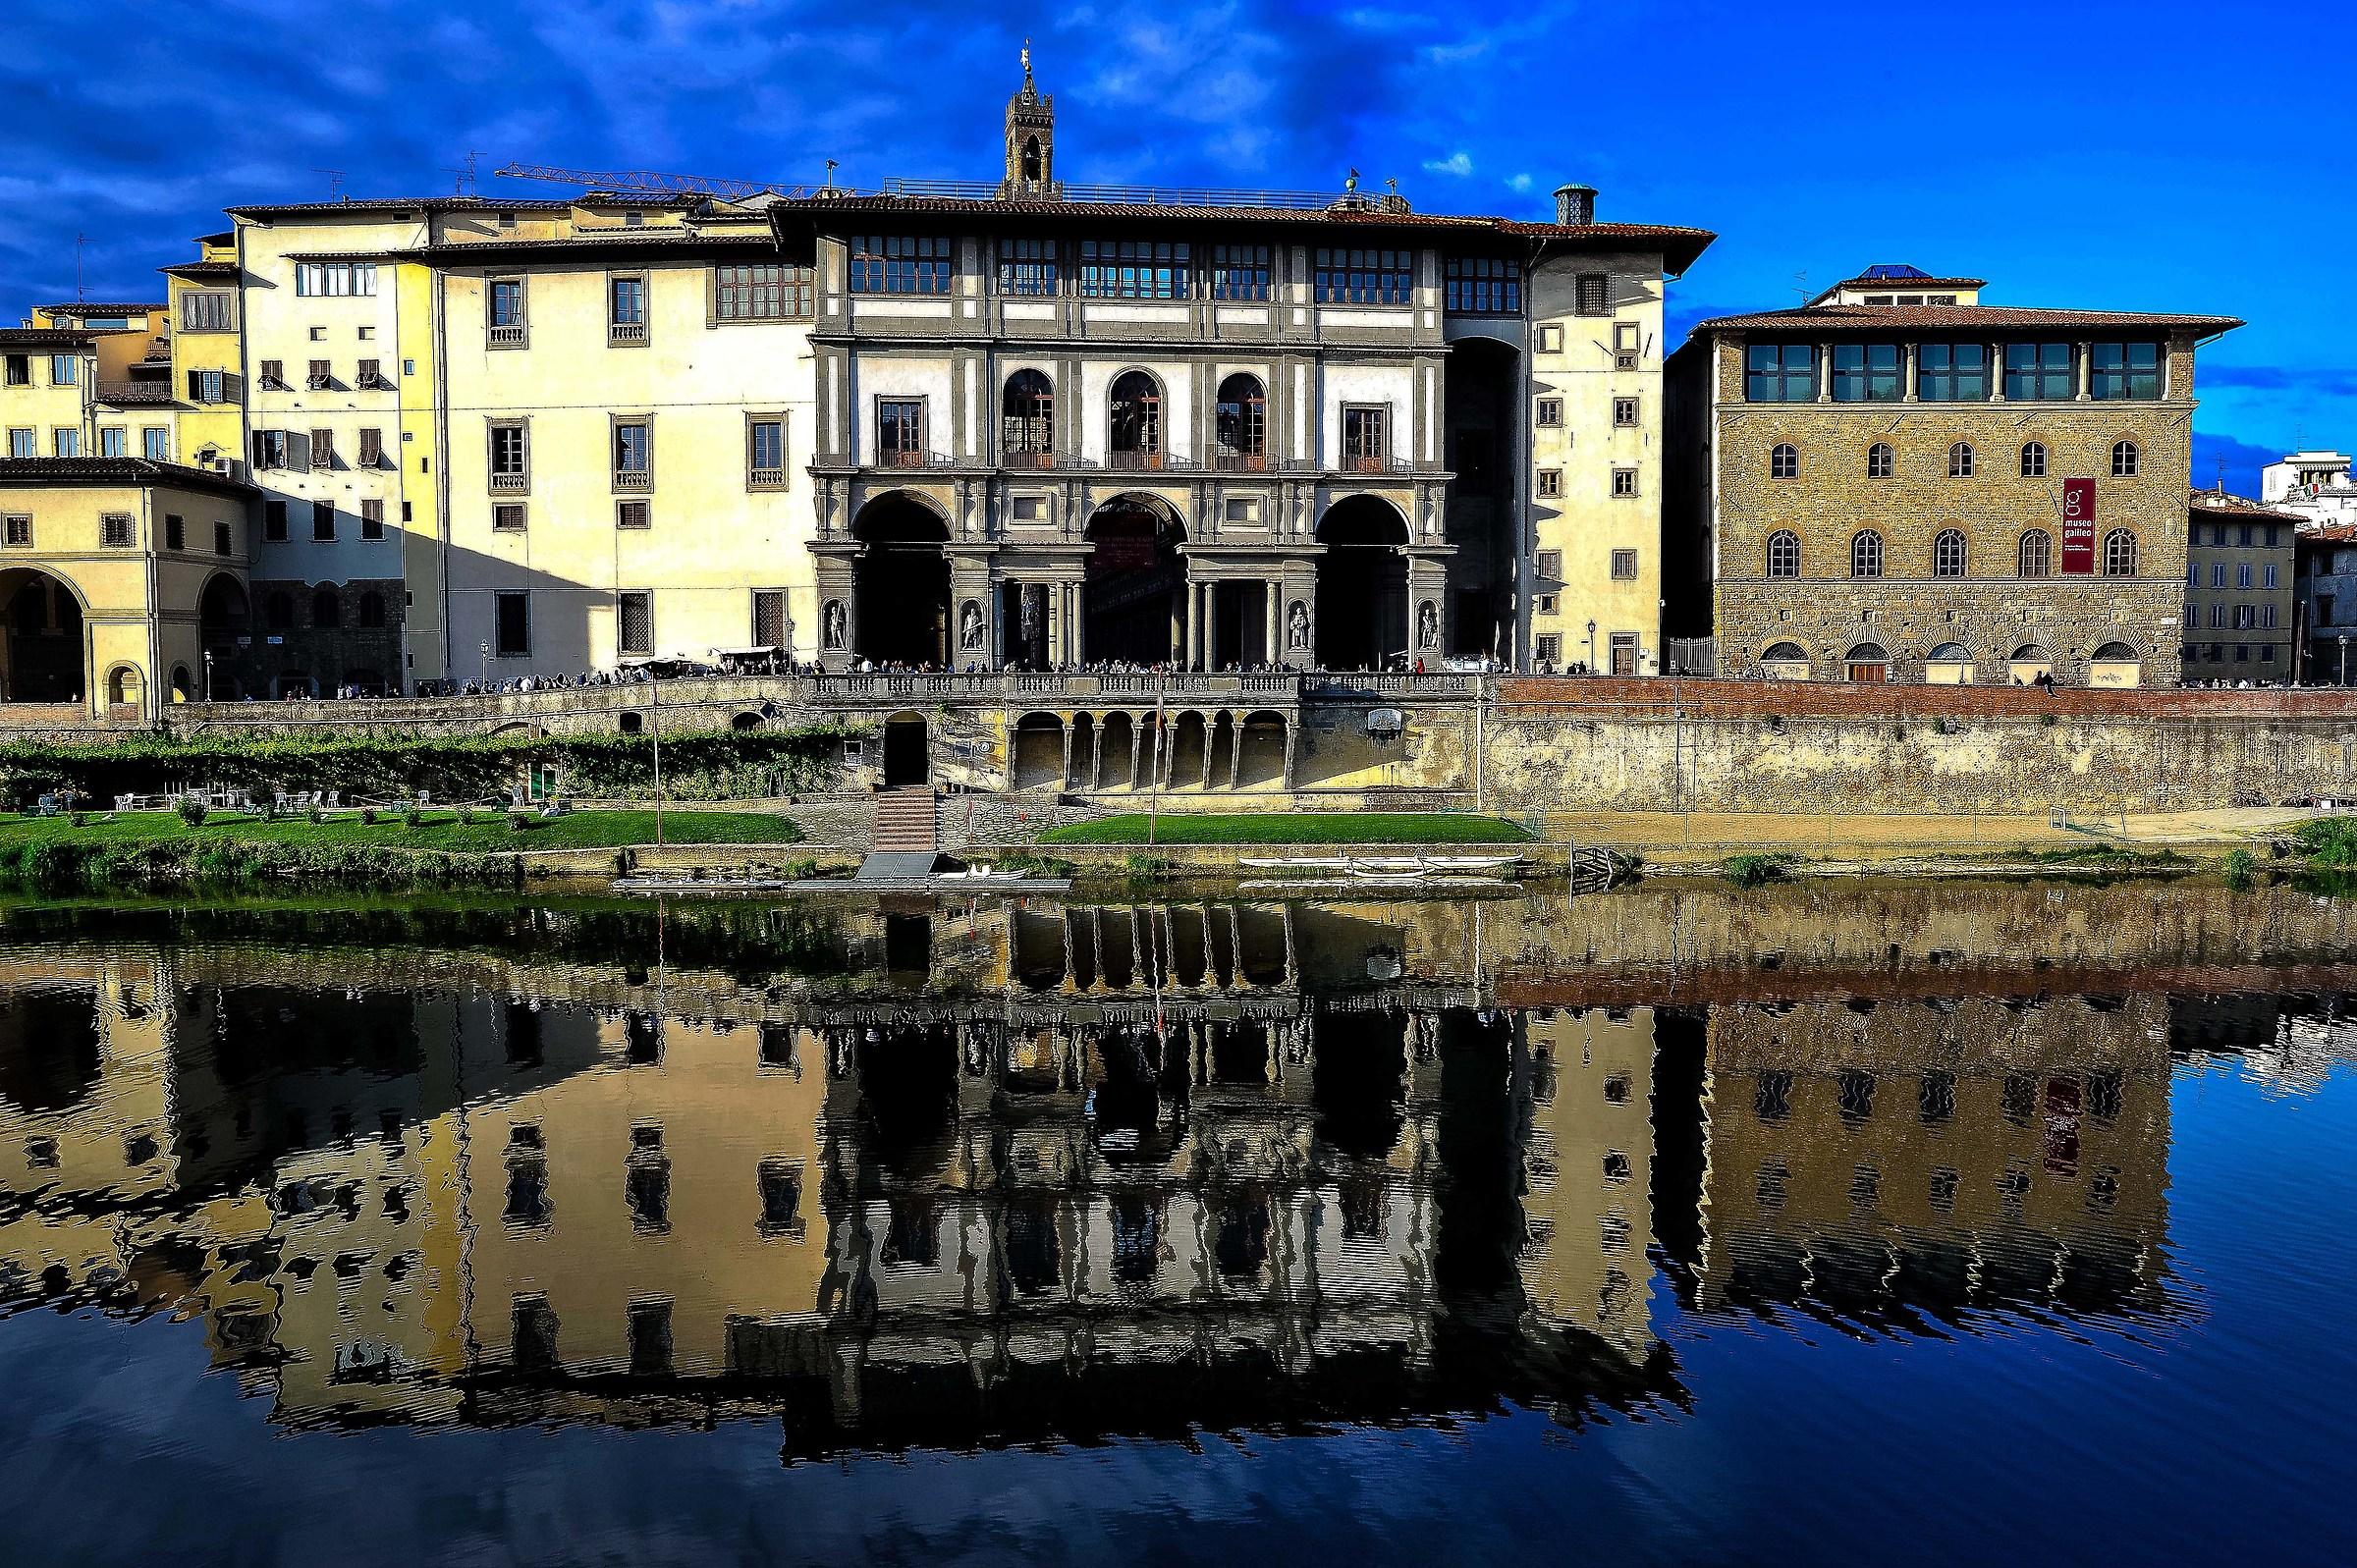 The Uffizi...